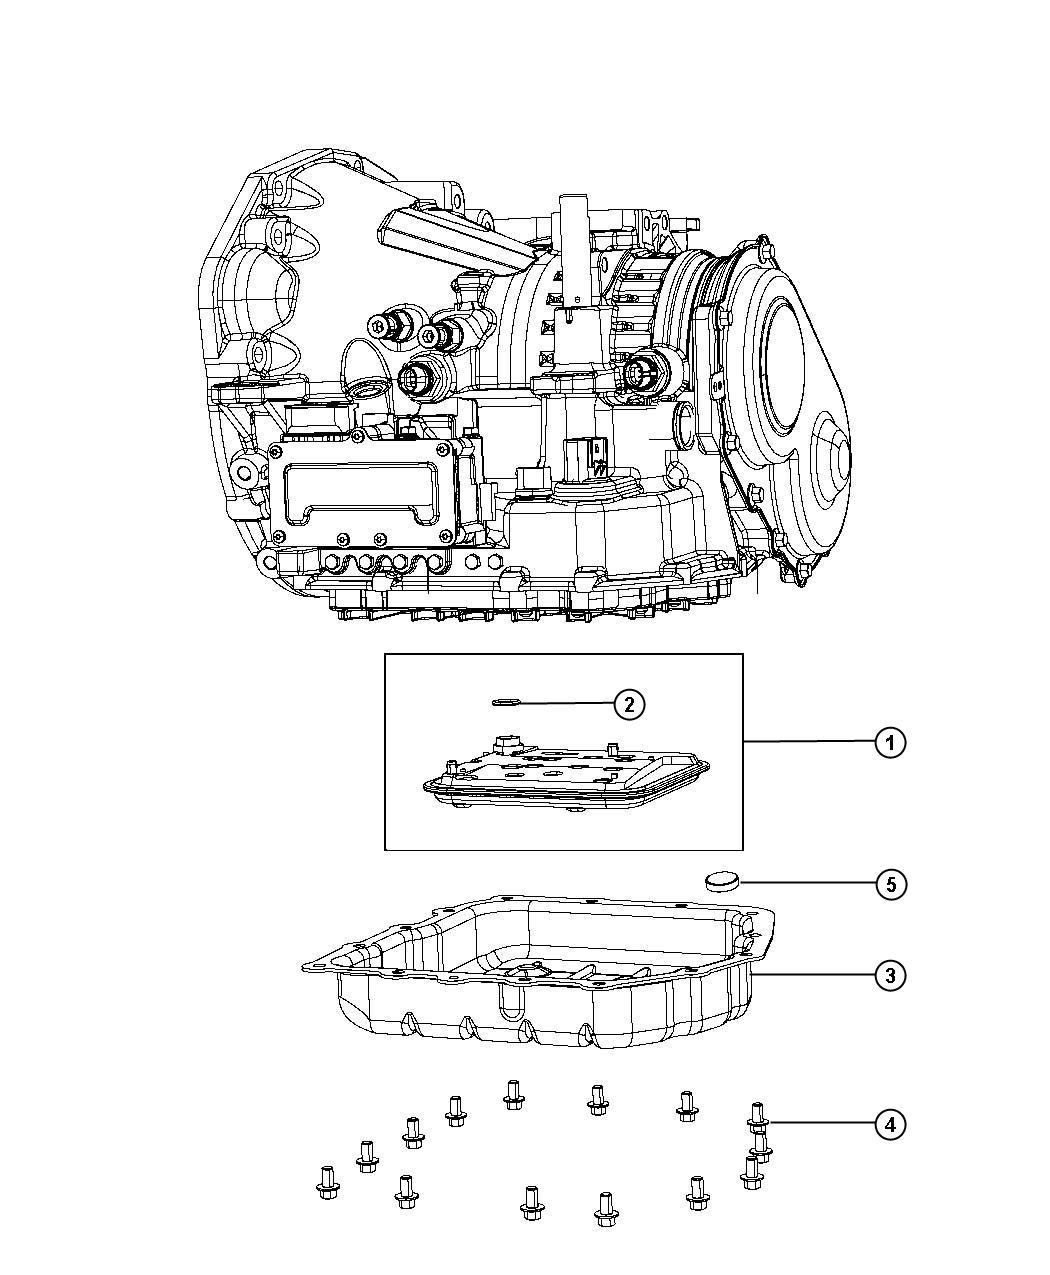 Chrysler Pt Cruiser Filter kit, filter package